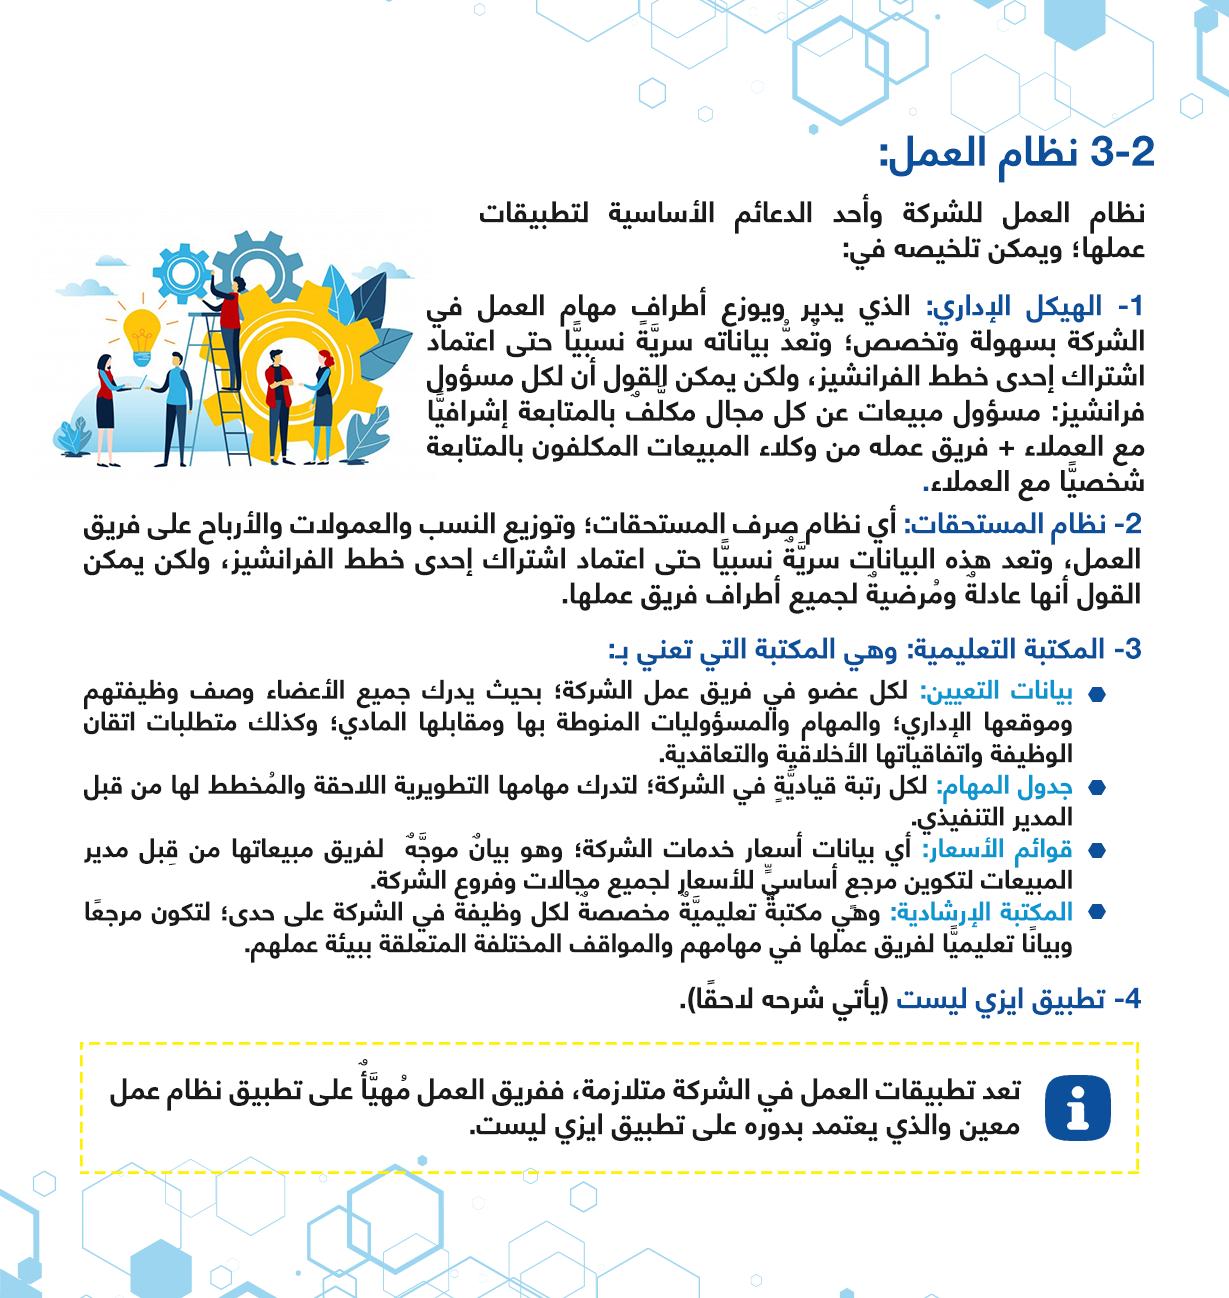 نظام العمل بفرانشيز المركز العربي للخدمات الإلكترونية - ACFE-S